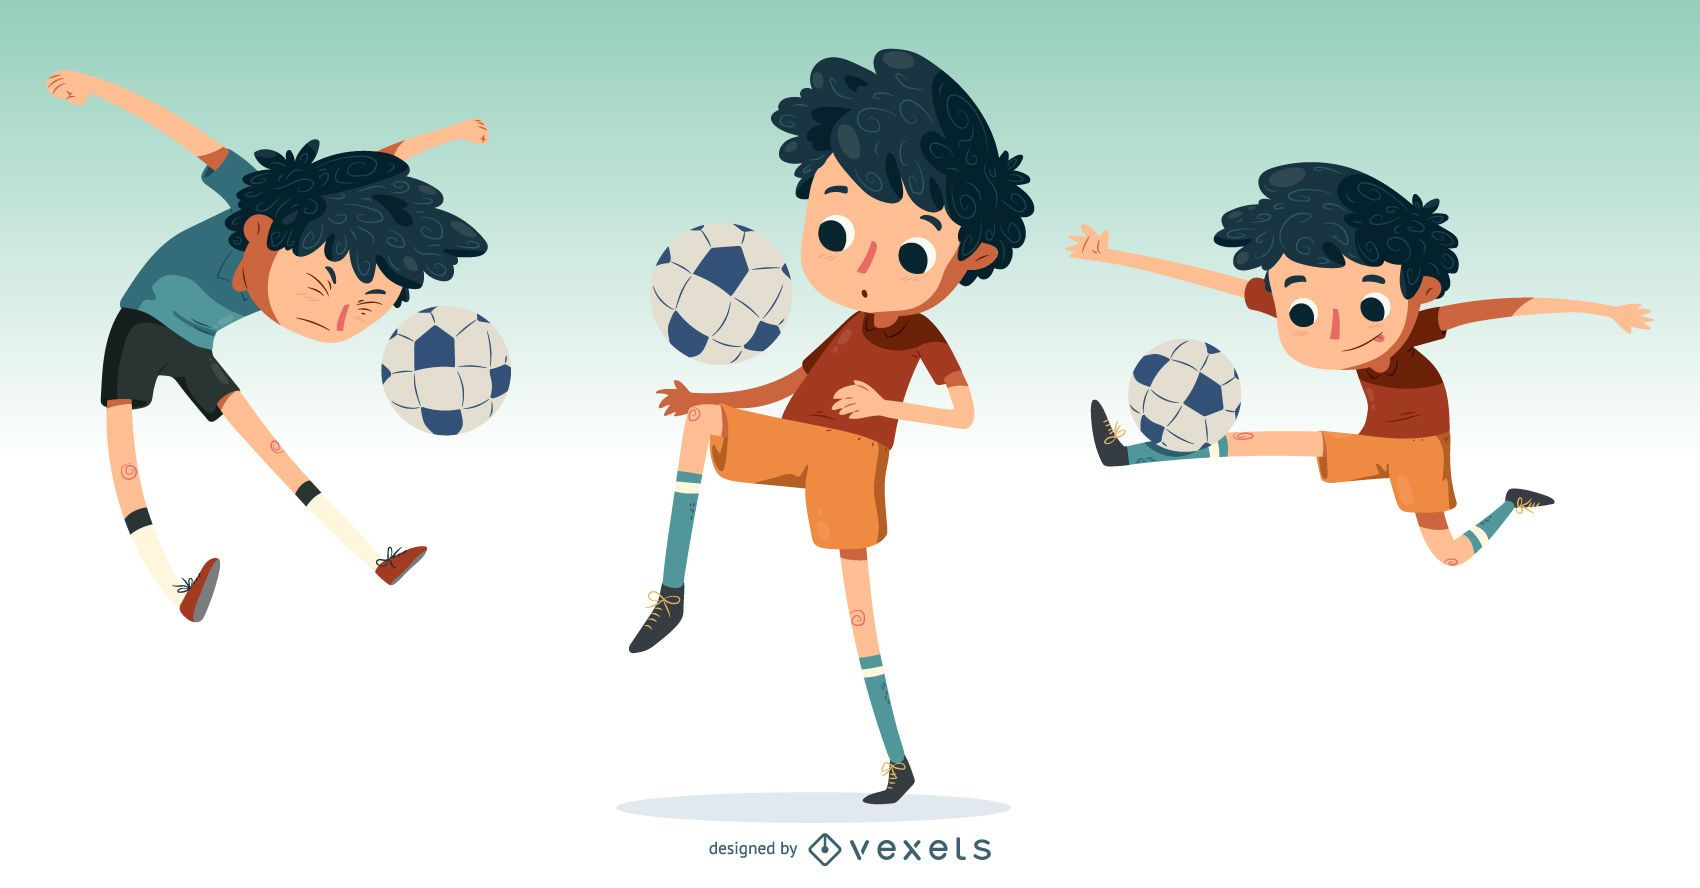 Kleiner Junge Der Fussball Illustration Spielt Vektor Download